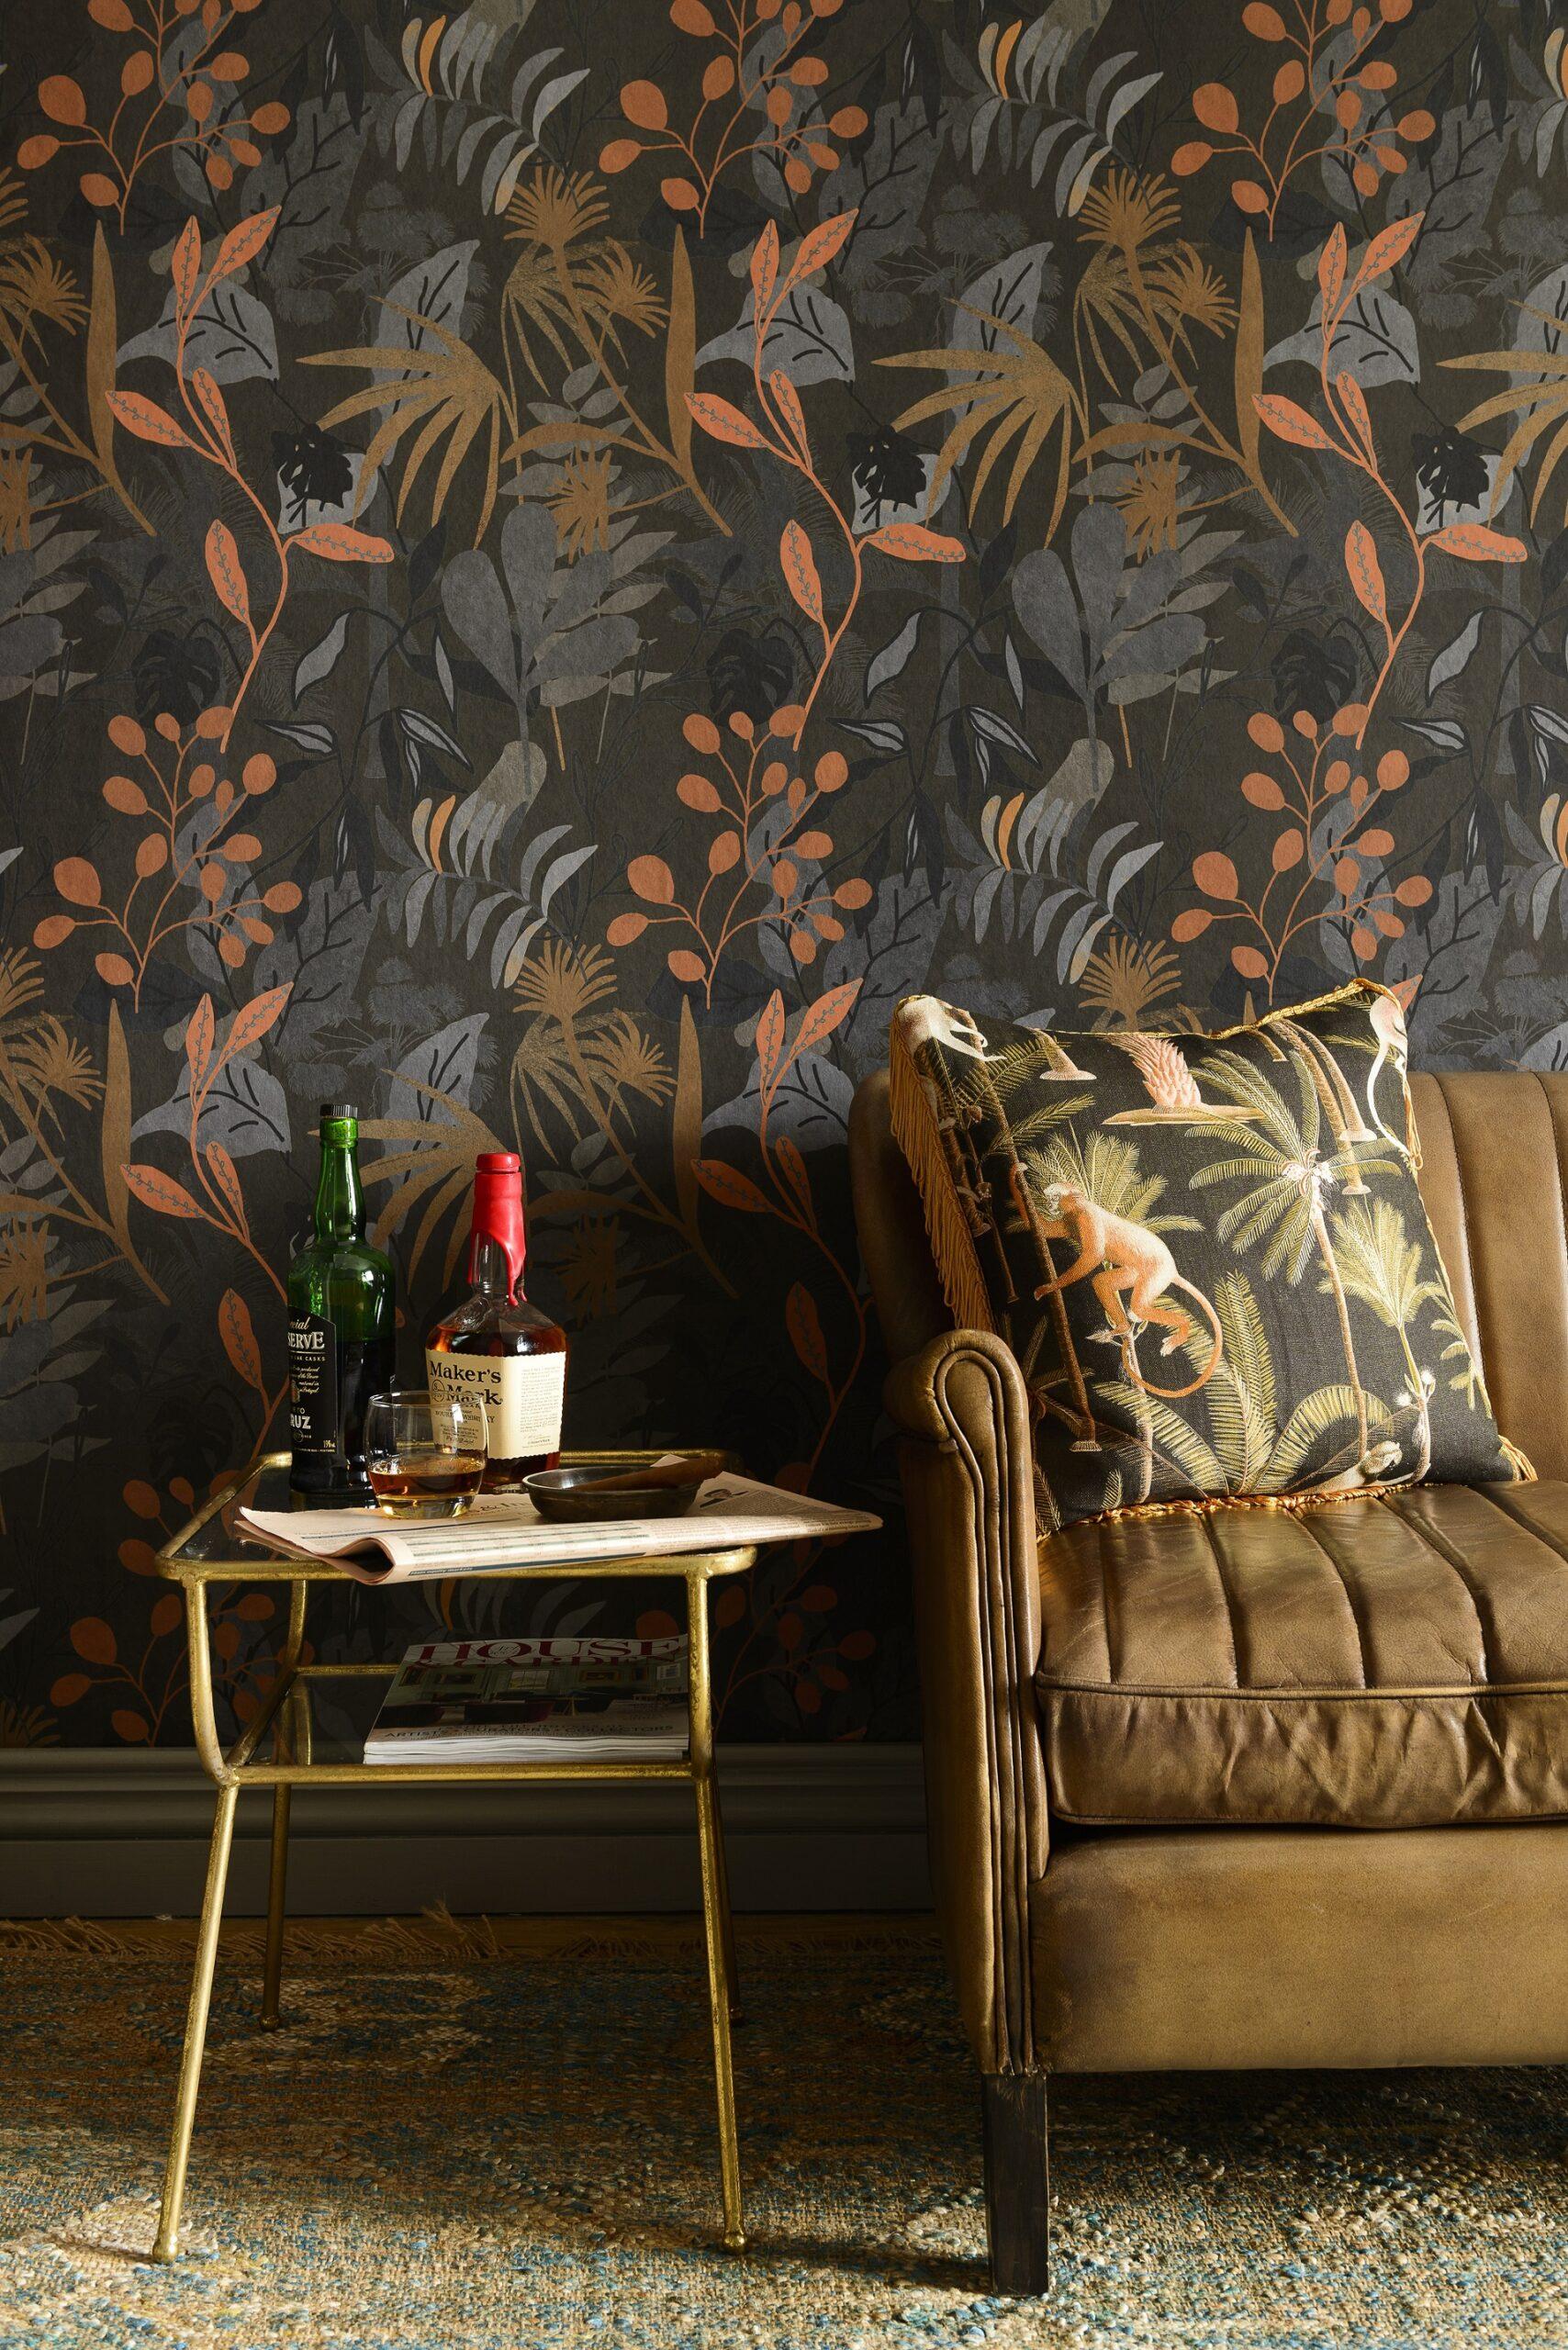 Wallpaper, Mindthegap